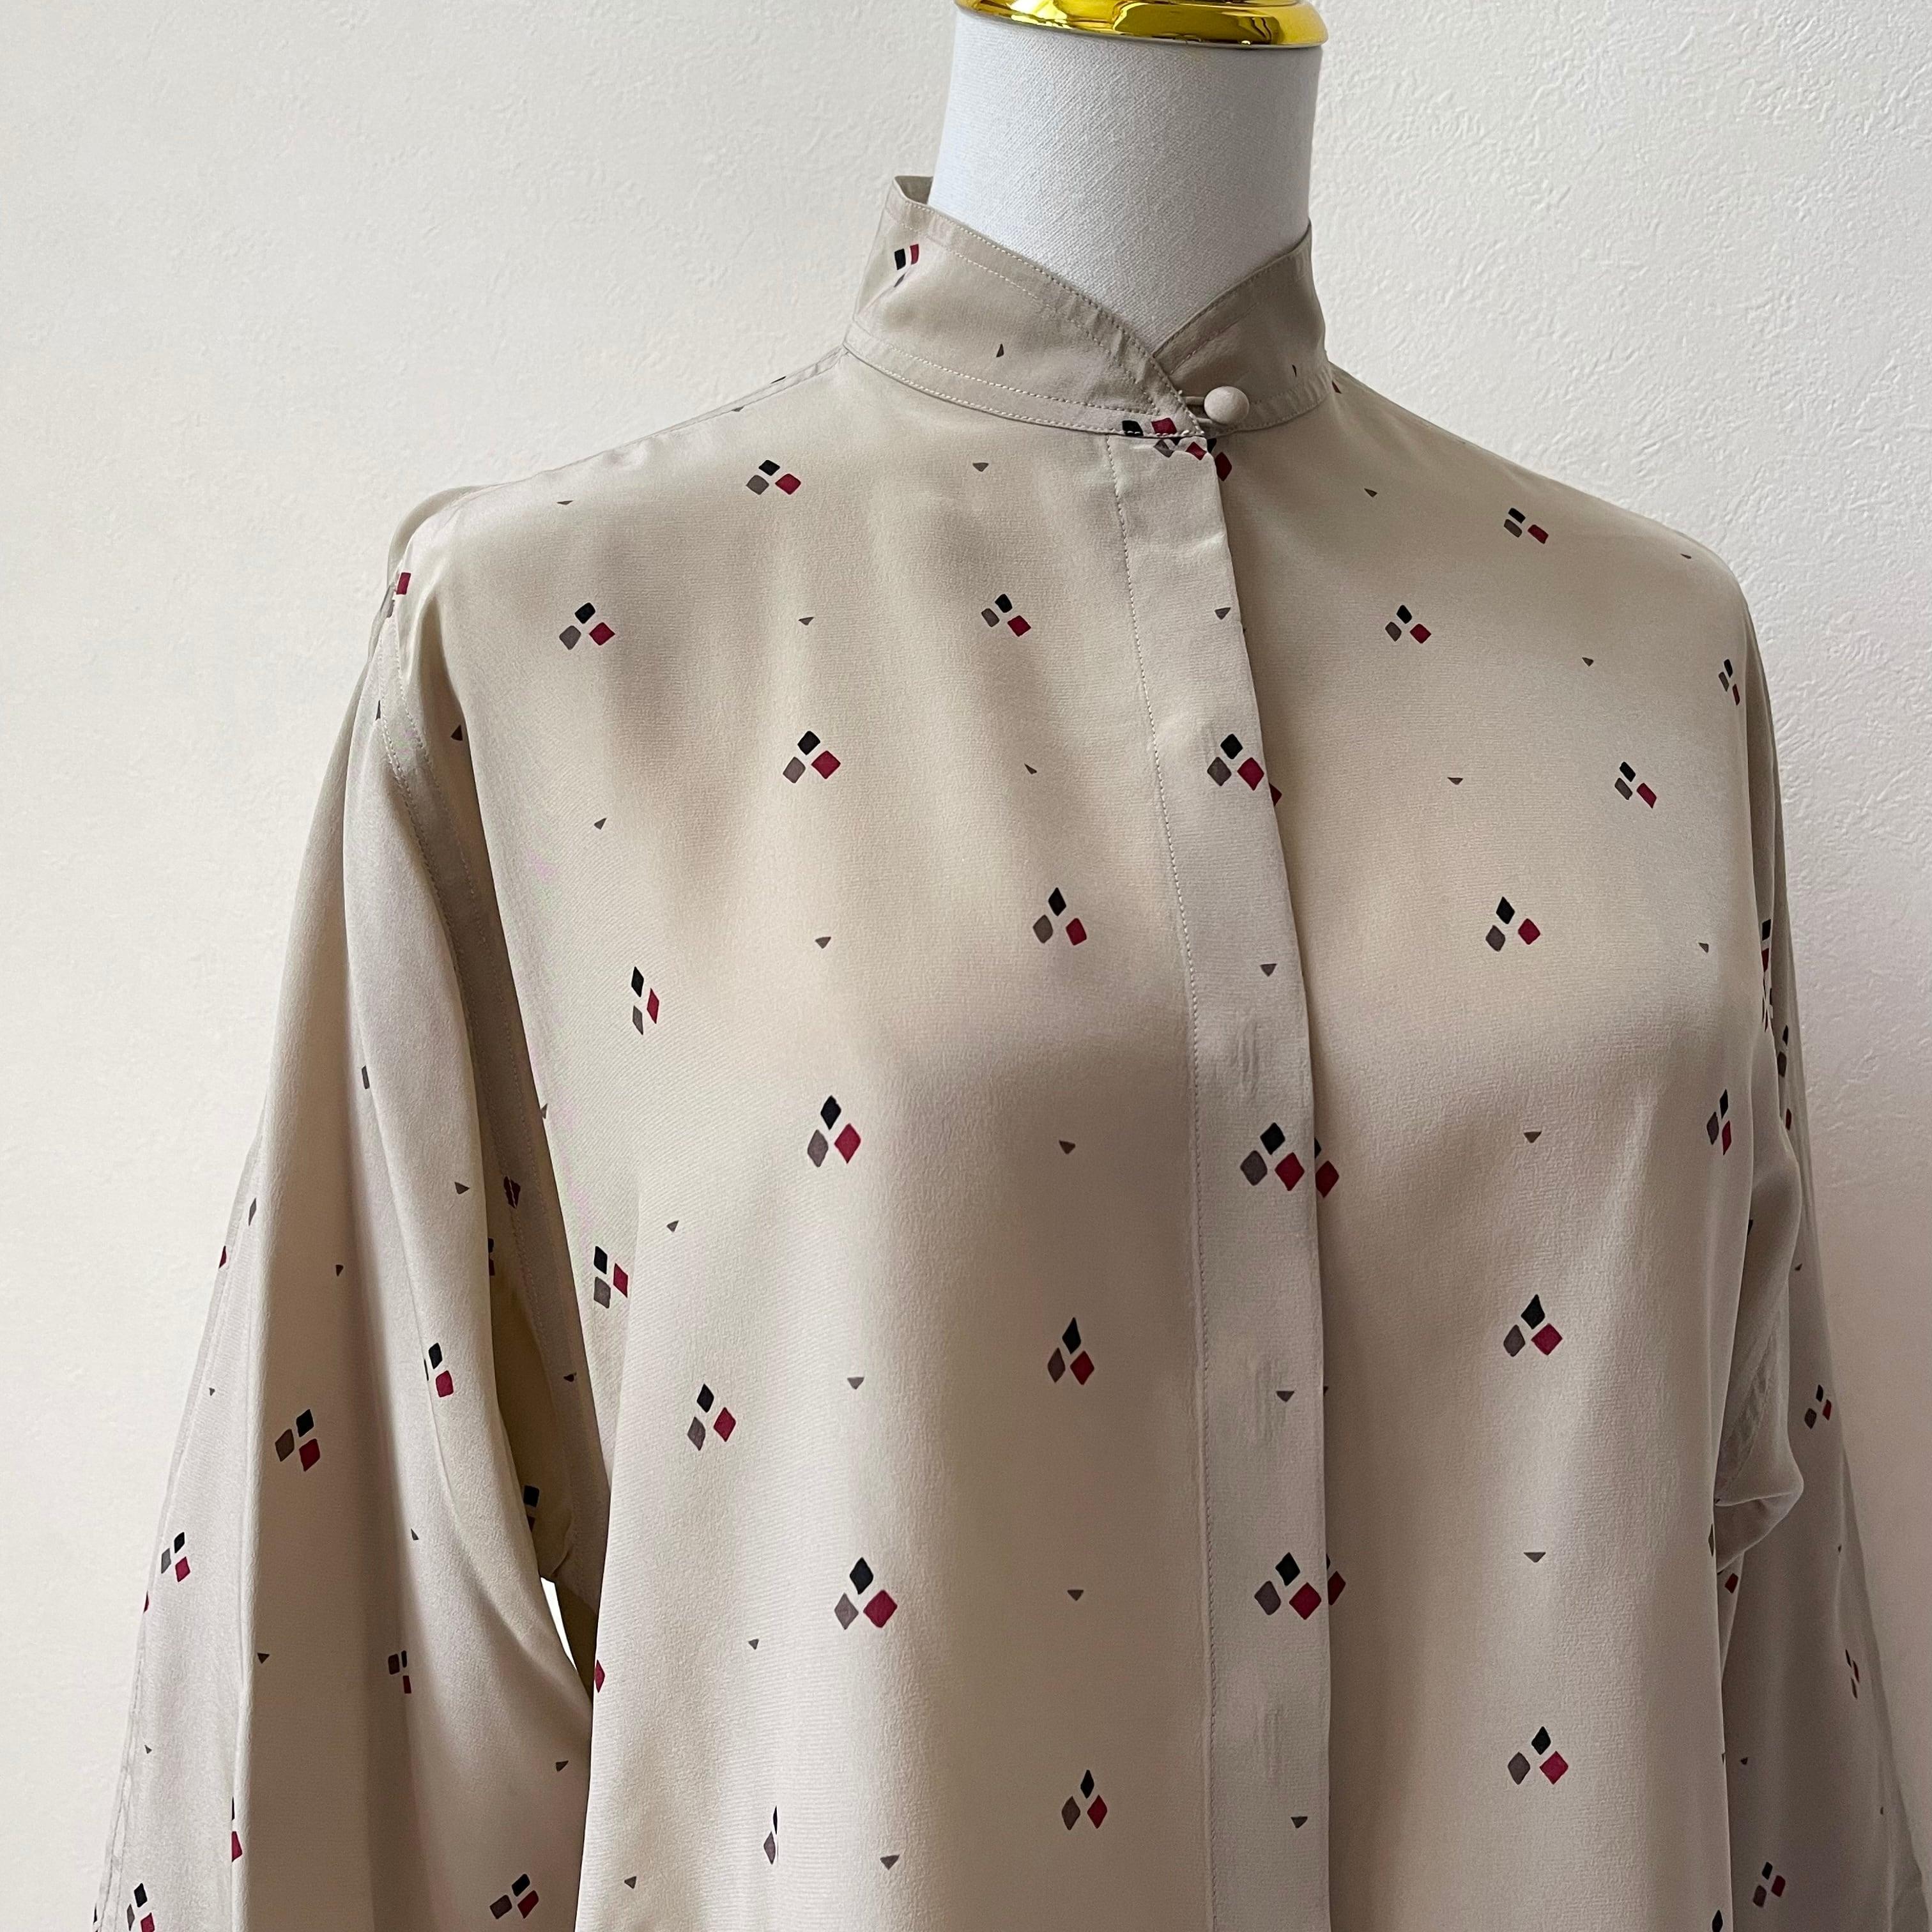 クリスチャンディオール Christian Dior シルク プリント柄 ブラウス 80年代 ヴィンテージ古着